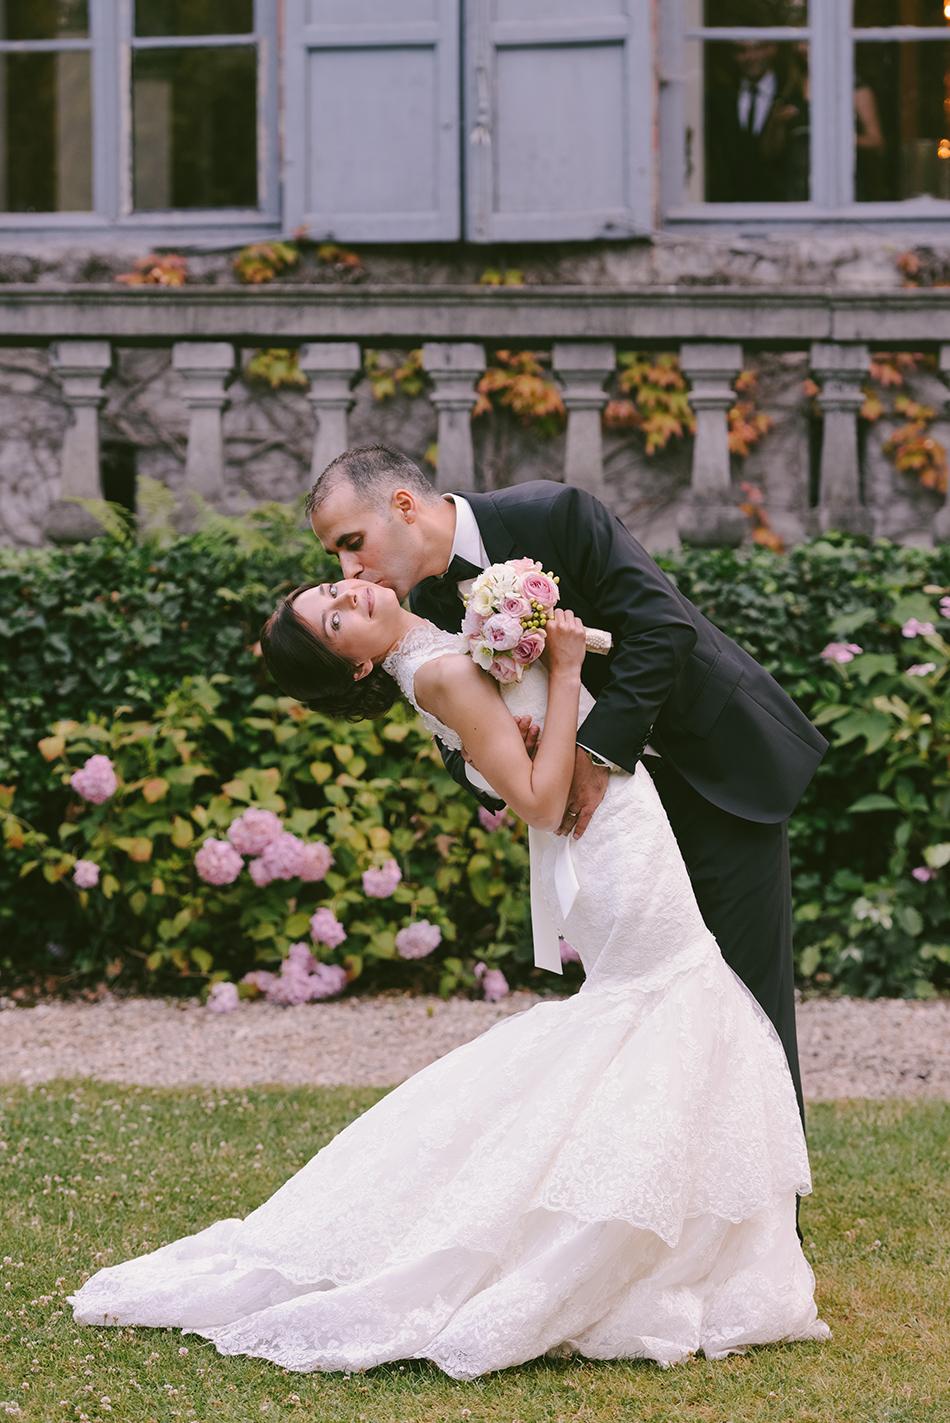 AD Passion Photography | ben-si-alla-nunta-bruxelles-photographie-de-mariage-bruxelles_0149 | Adelin, Dida, fotograf profesionist, fotograf de nunta, fotografie de nunta, fotograf Timisoara, fotograf Craiova, fotograf Bucuresti, fotograf Arad, nunta Timisoara, nunta Arad, nunta Bucuresti, nunta Craiova